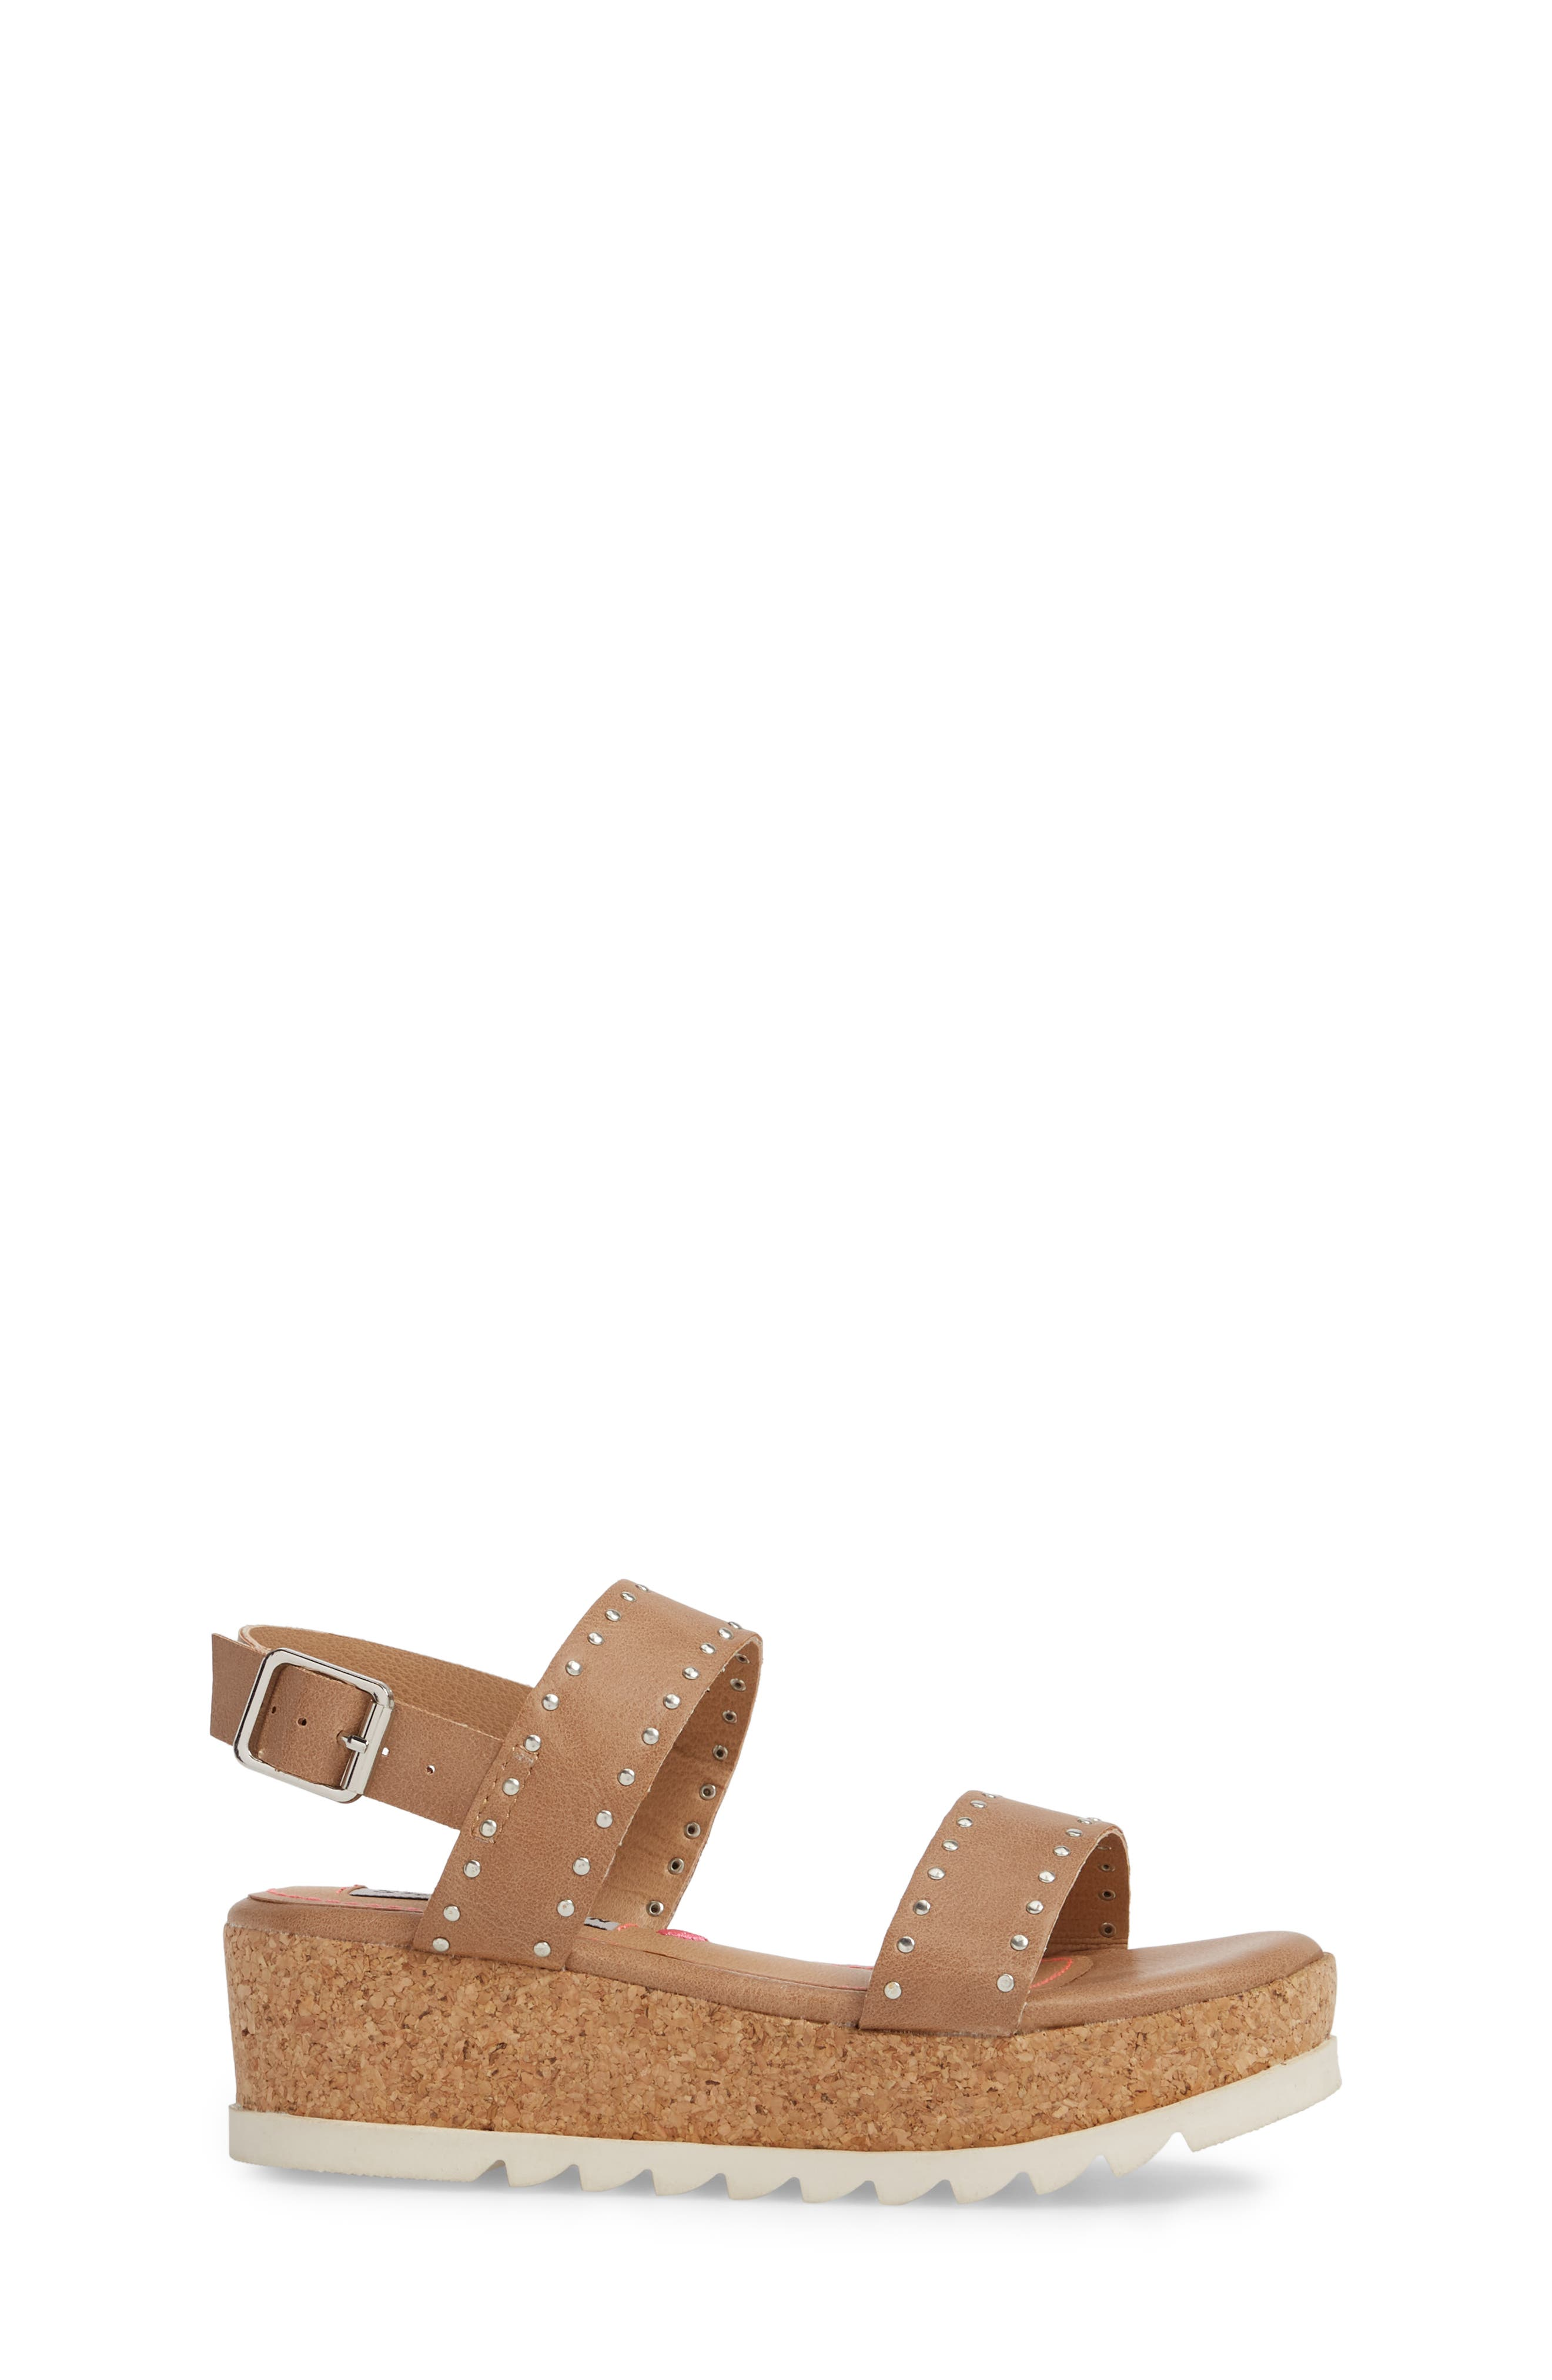 STEVE MADDEN,                             JKRISTIE Platform Sandal,                             Alternate thumbnail 3, color,                             200